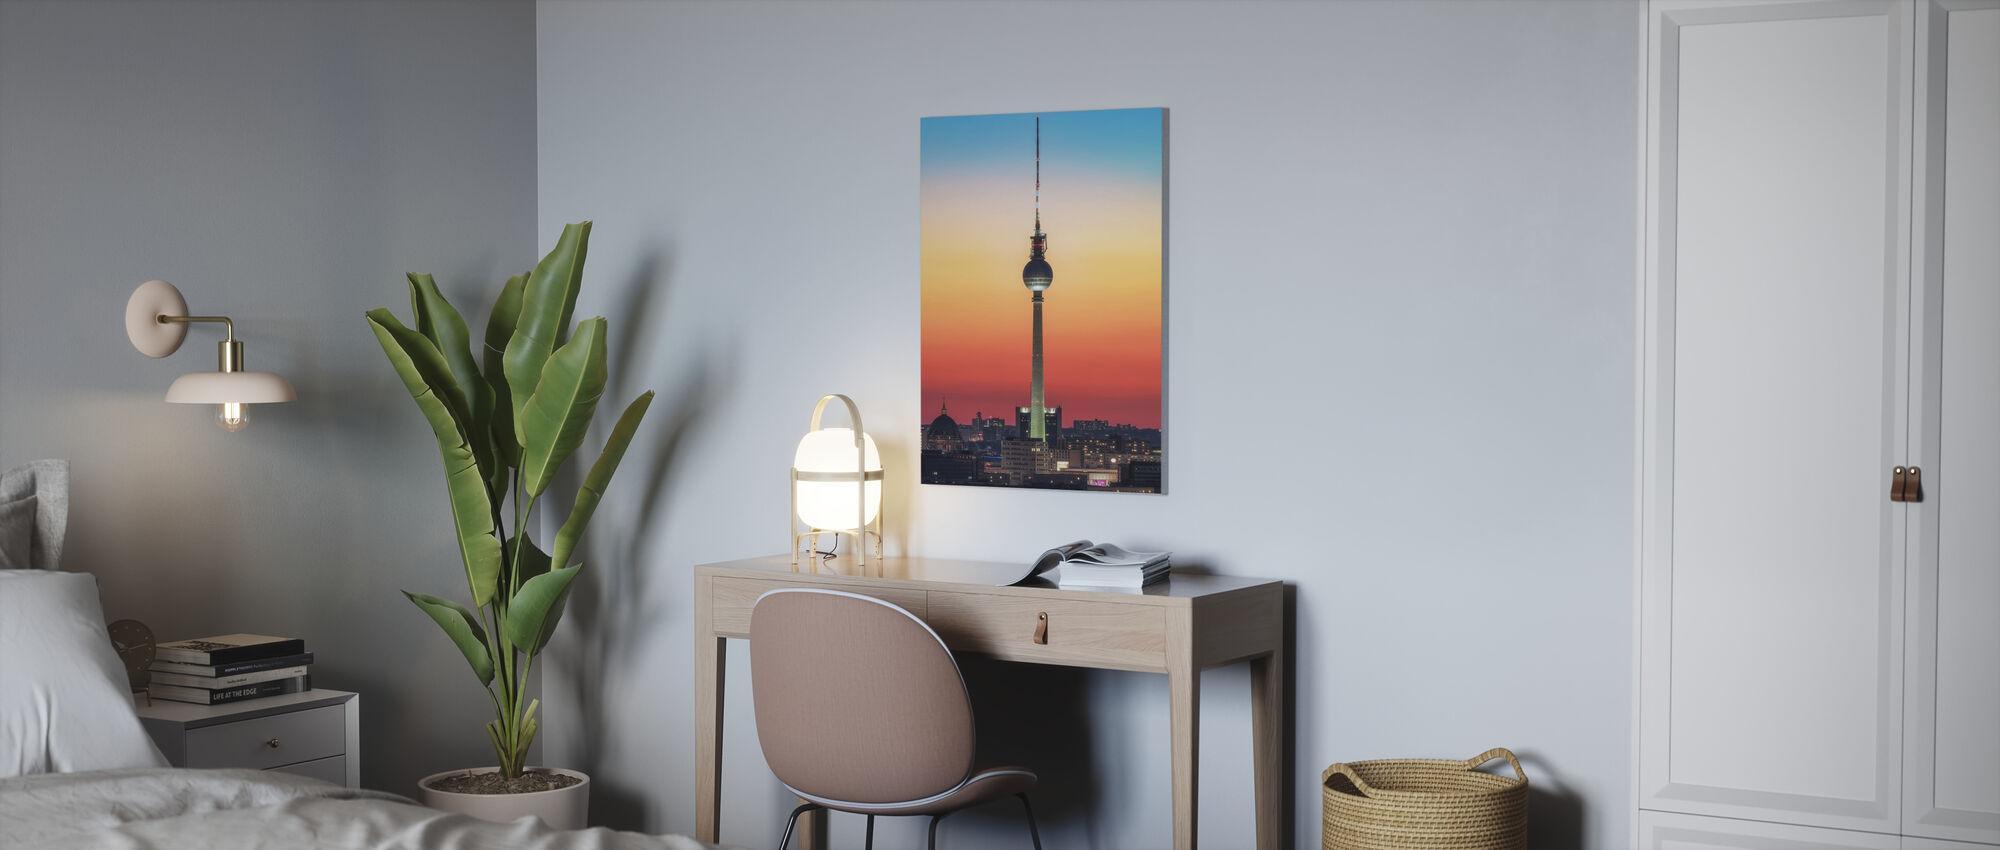 Berlin - Pastell Study - Canvastaulu - Toimisto